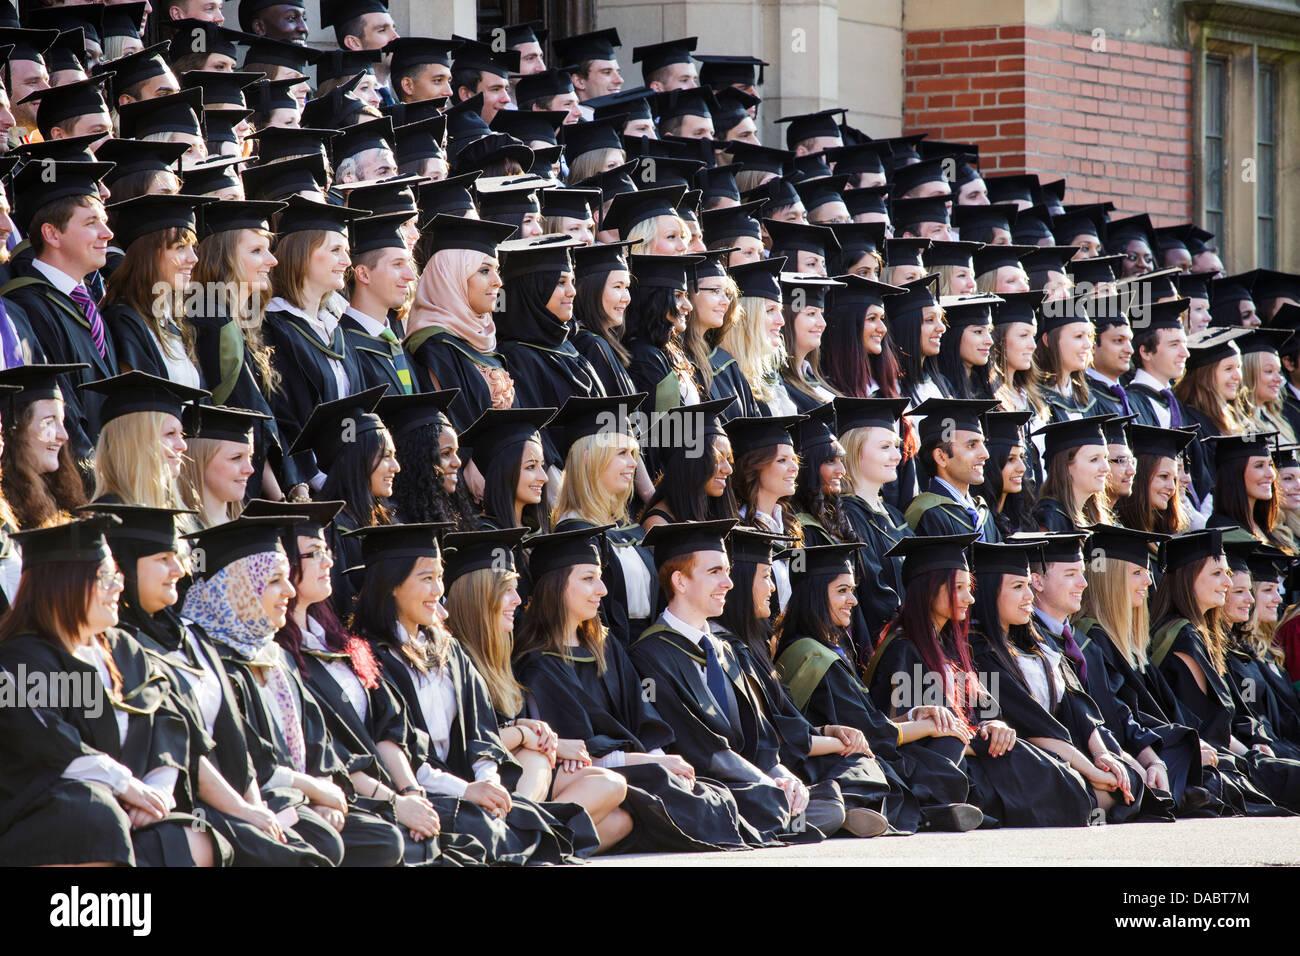 Les diplômés de l'Université de Birmingham, UK, posent pour la photo de leur diplôme sur Photo Stock